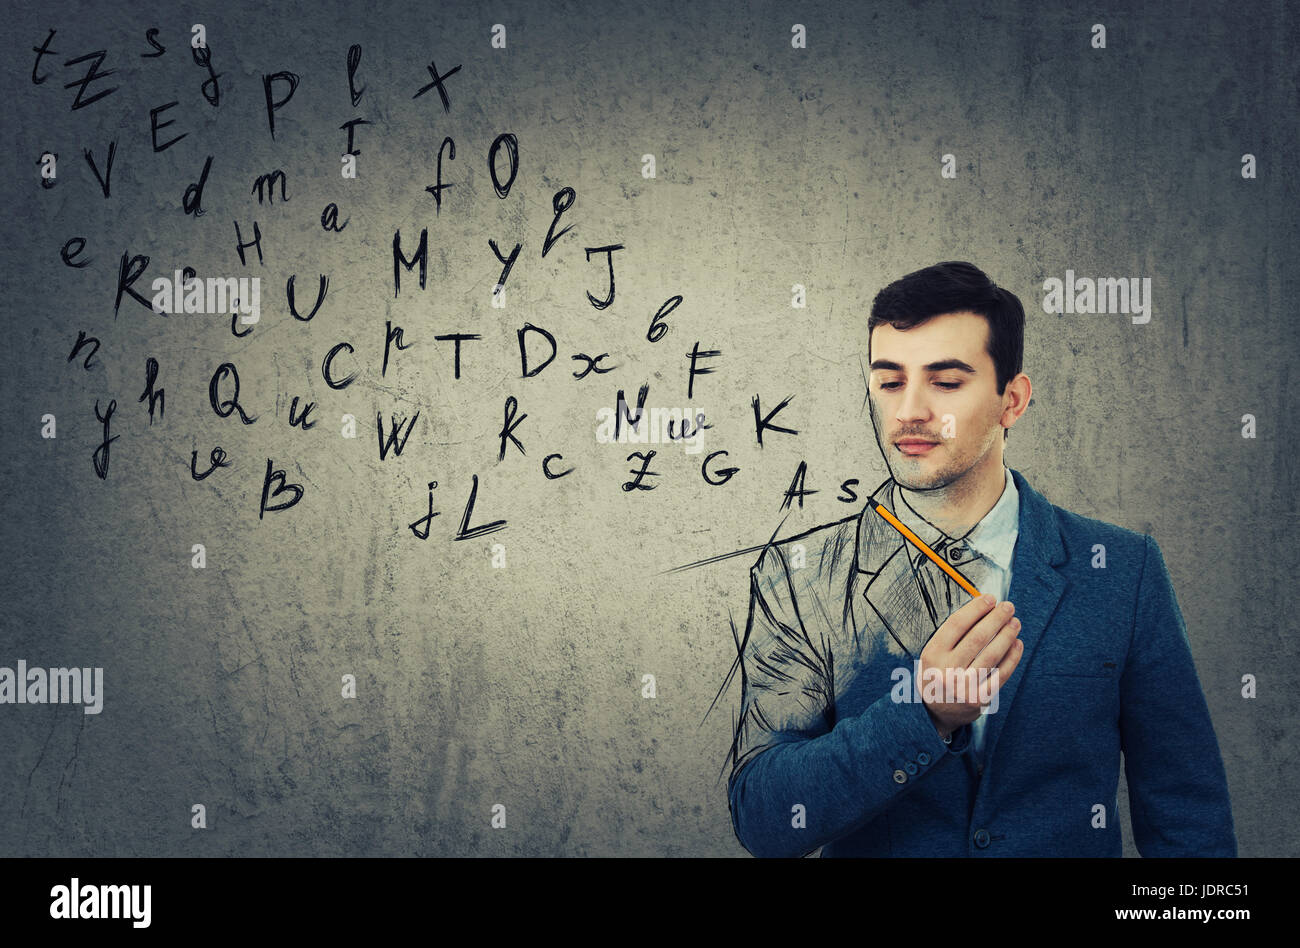 Junger Geschäftsmann, einen Bleistift in der Hand und Blick auf die skizzierten Alphabet Buchstaben herauskommen. Stockbild